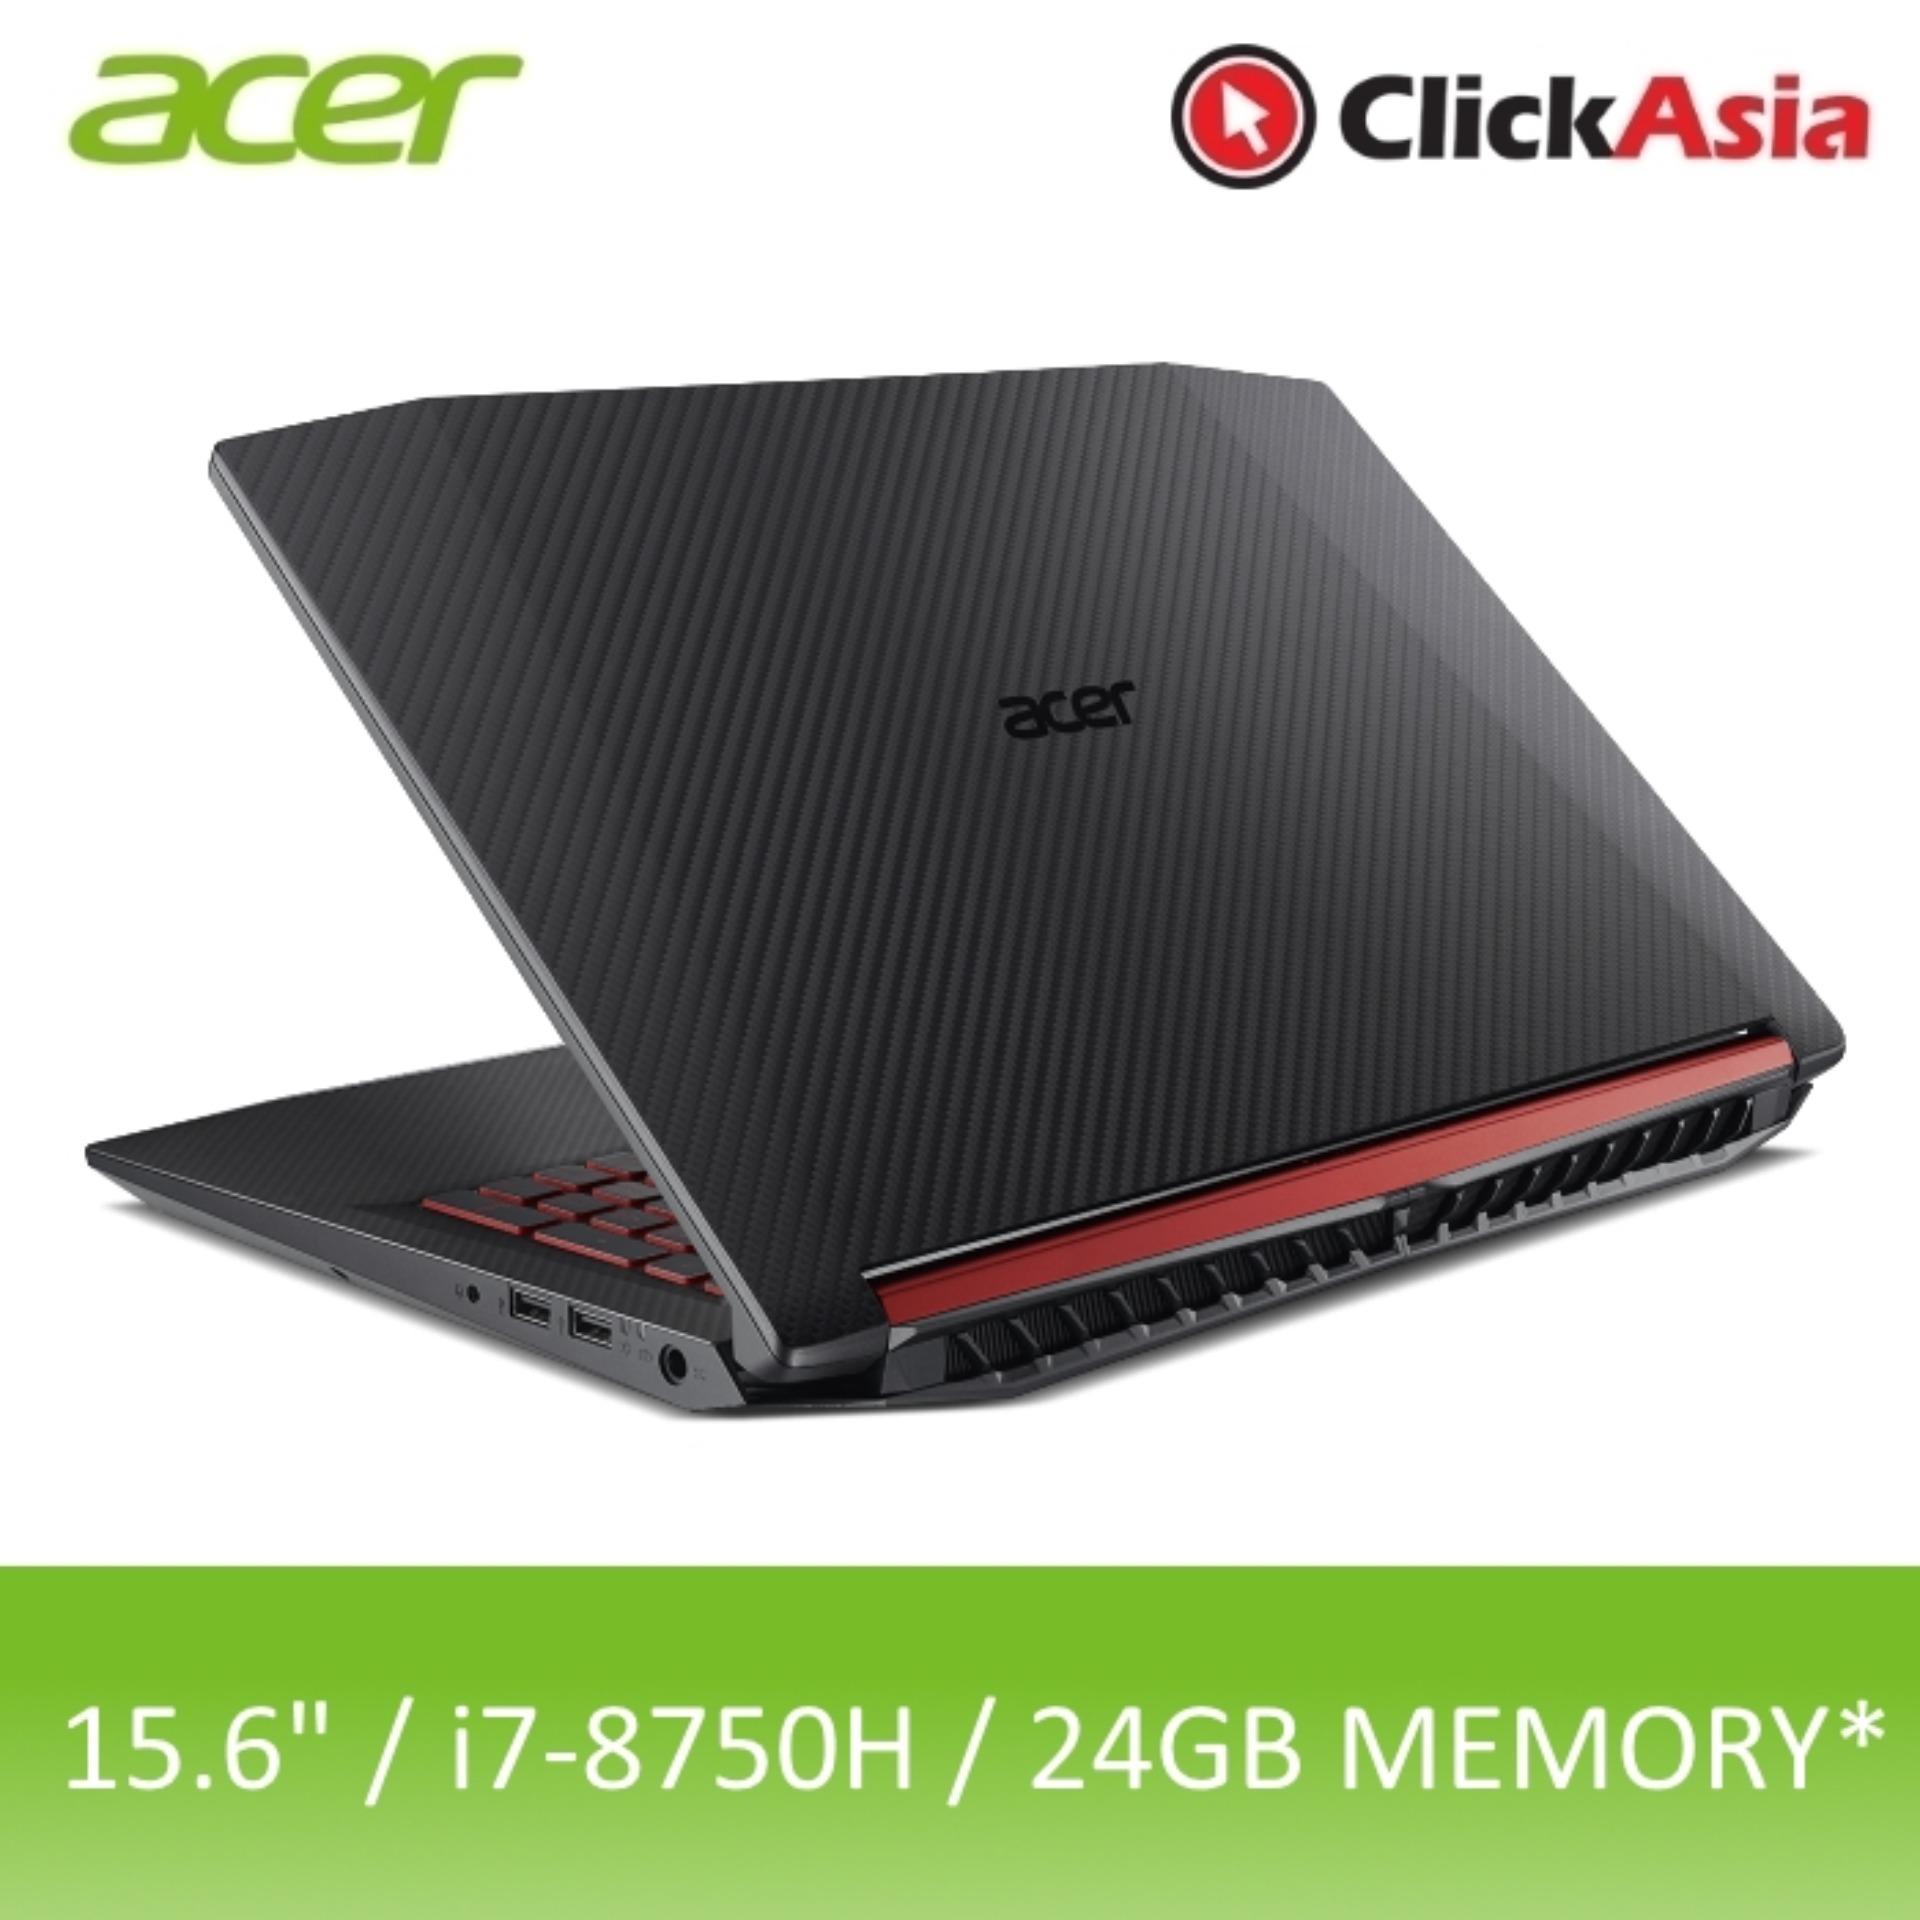 Acer Nitro 5 (AN515-52-70AP) – 15.6″ FHD/i7-8750H/8GB DDR4/16GB Optane + 1TB HDD/Nvidia GTX1050/W10 (Black)